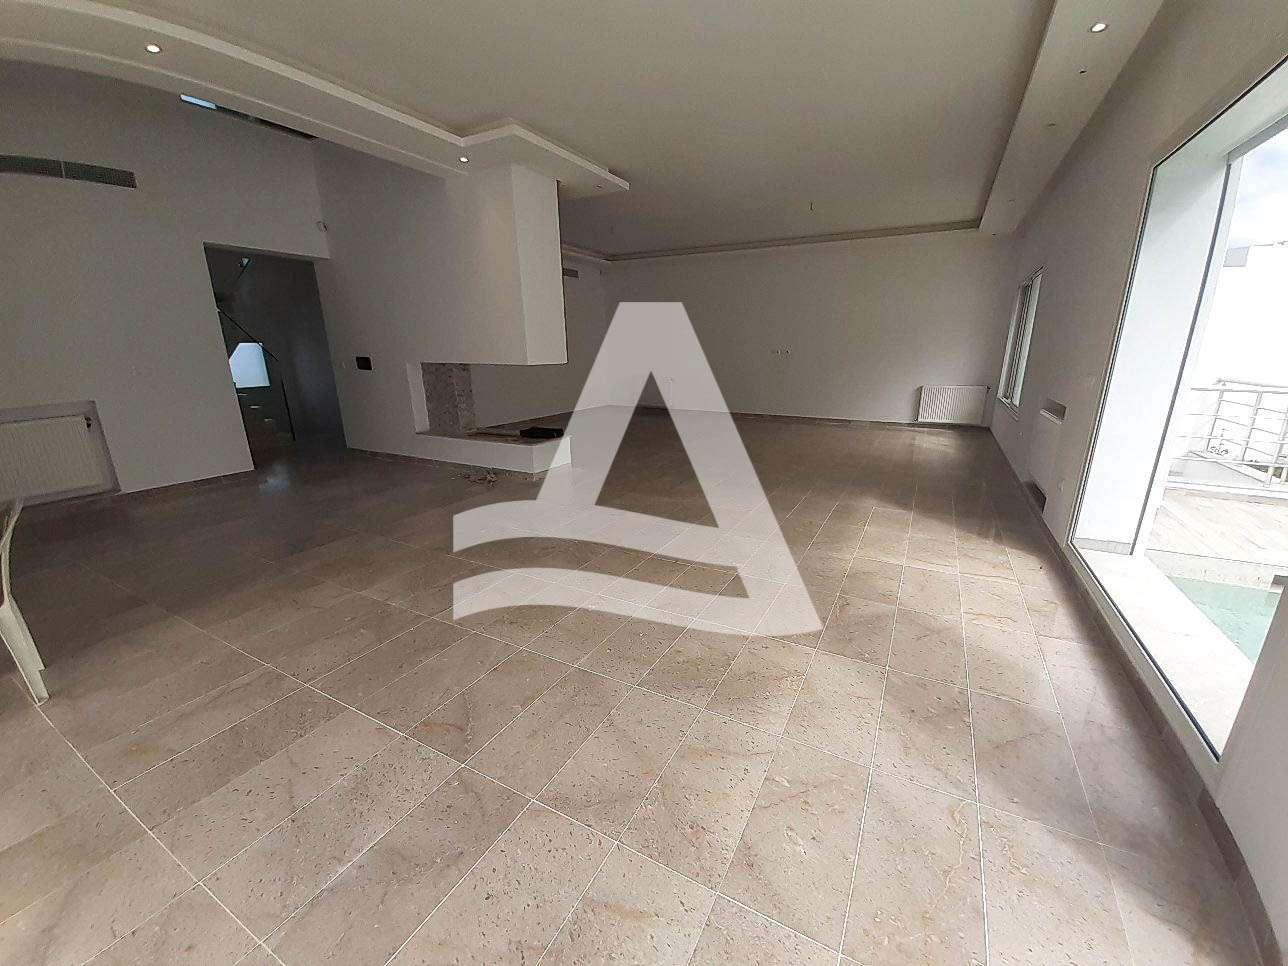 httpss3.amazonaws.comlogimoawsarcane_immobiliere_la_marsa_-_location-_vente_la_marsa__1583333549970